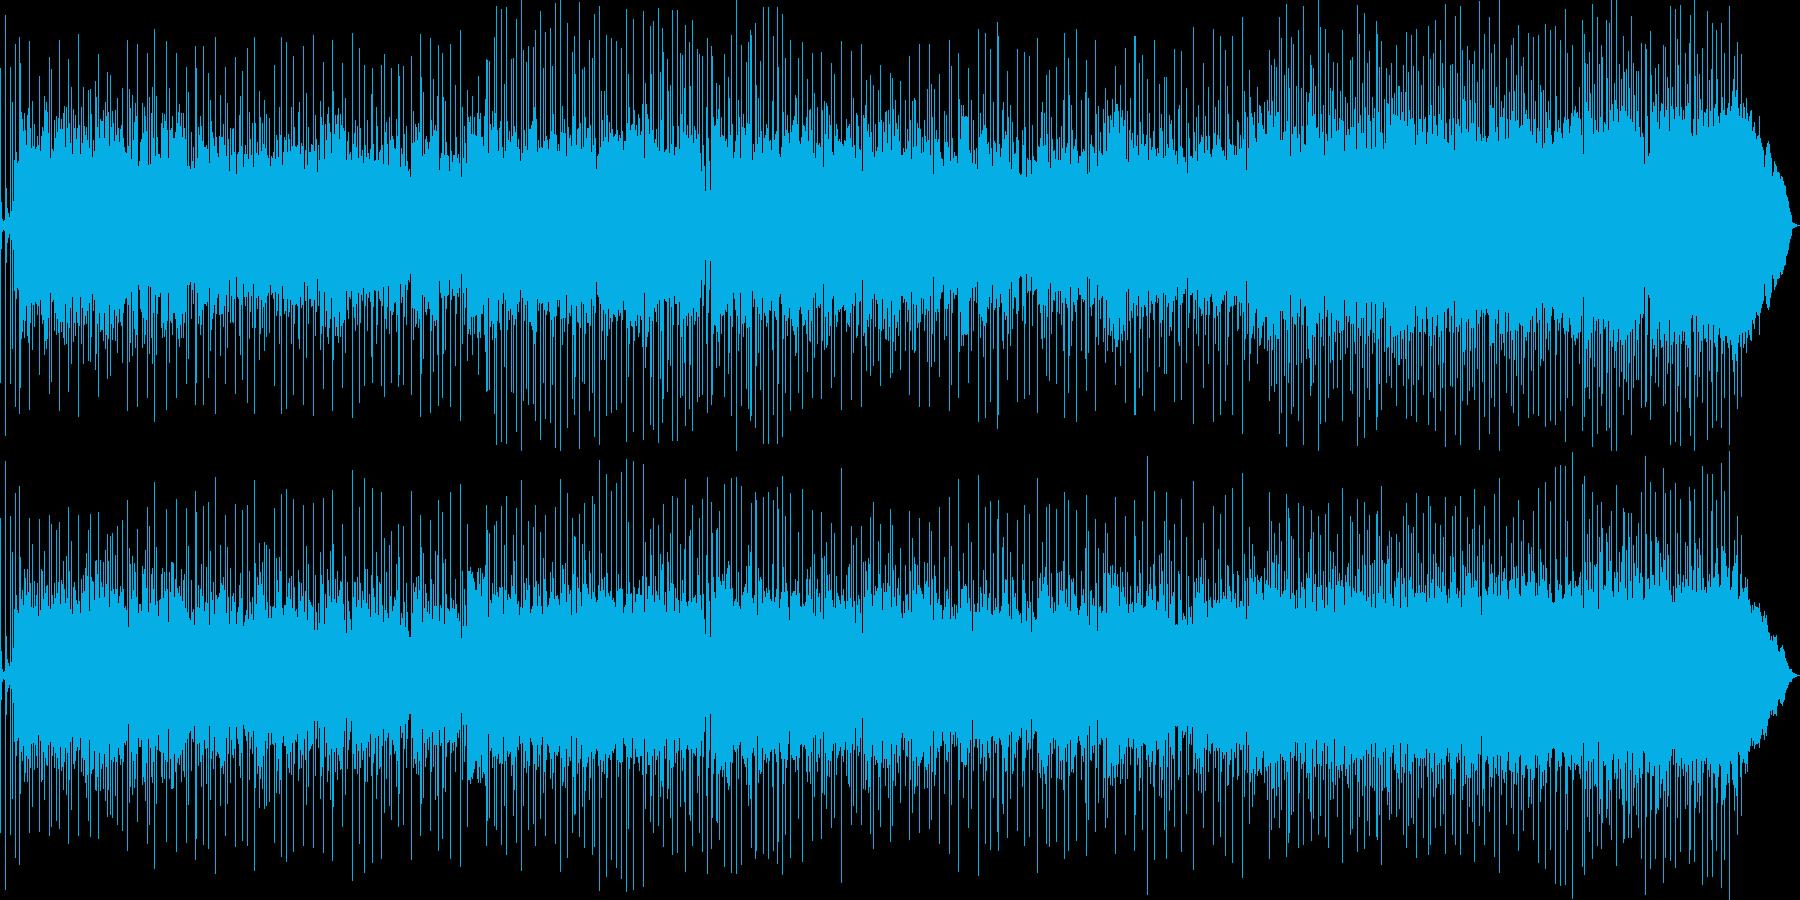 ピアノをメインにした、爽やかなバンドサ…の再生済みの波形